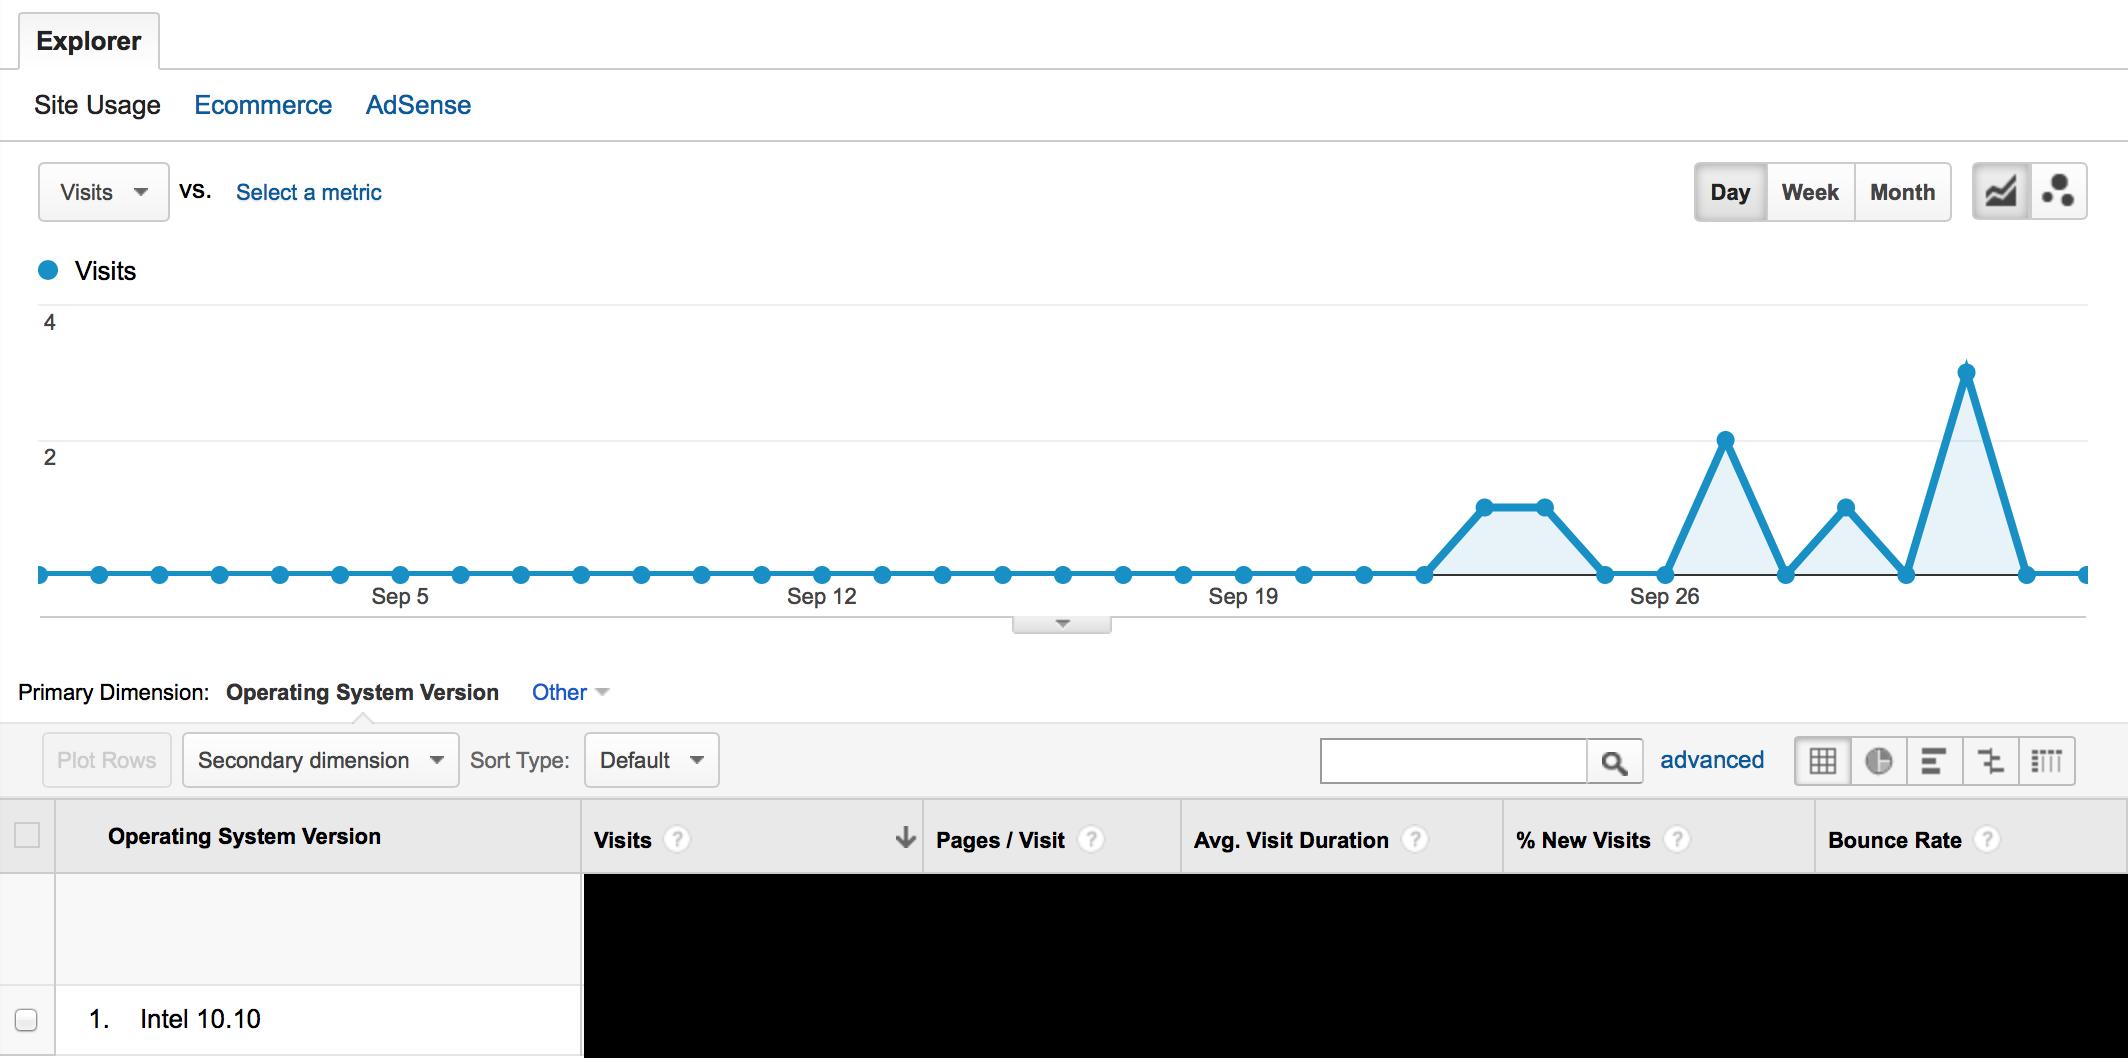 Referências ao Mac OS X 10.10 no Google Analytics